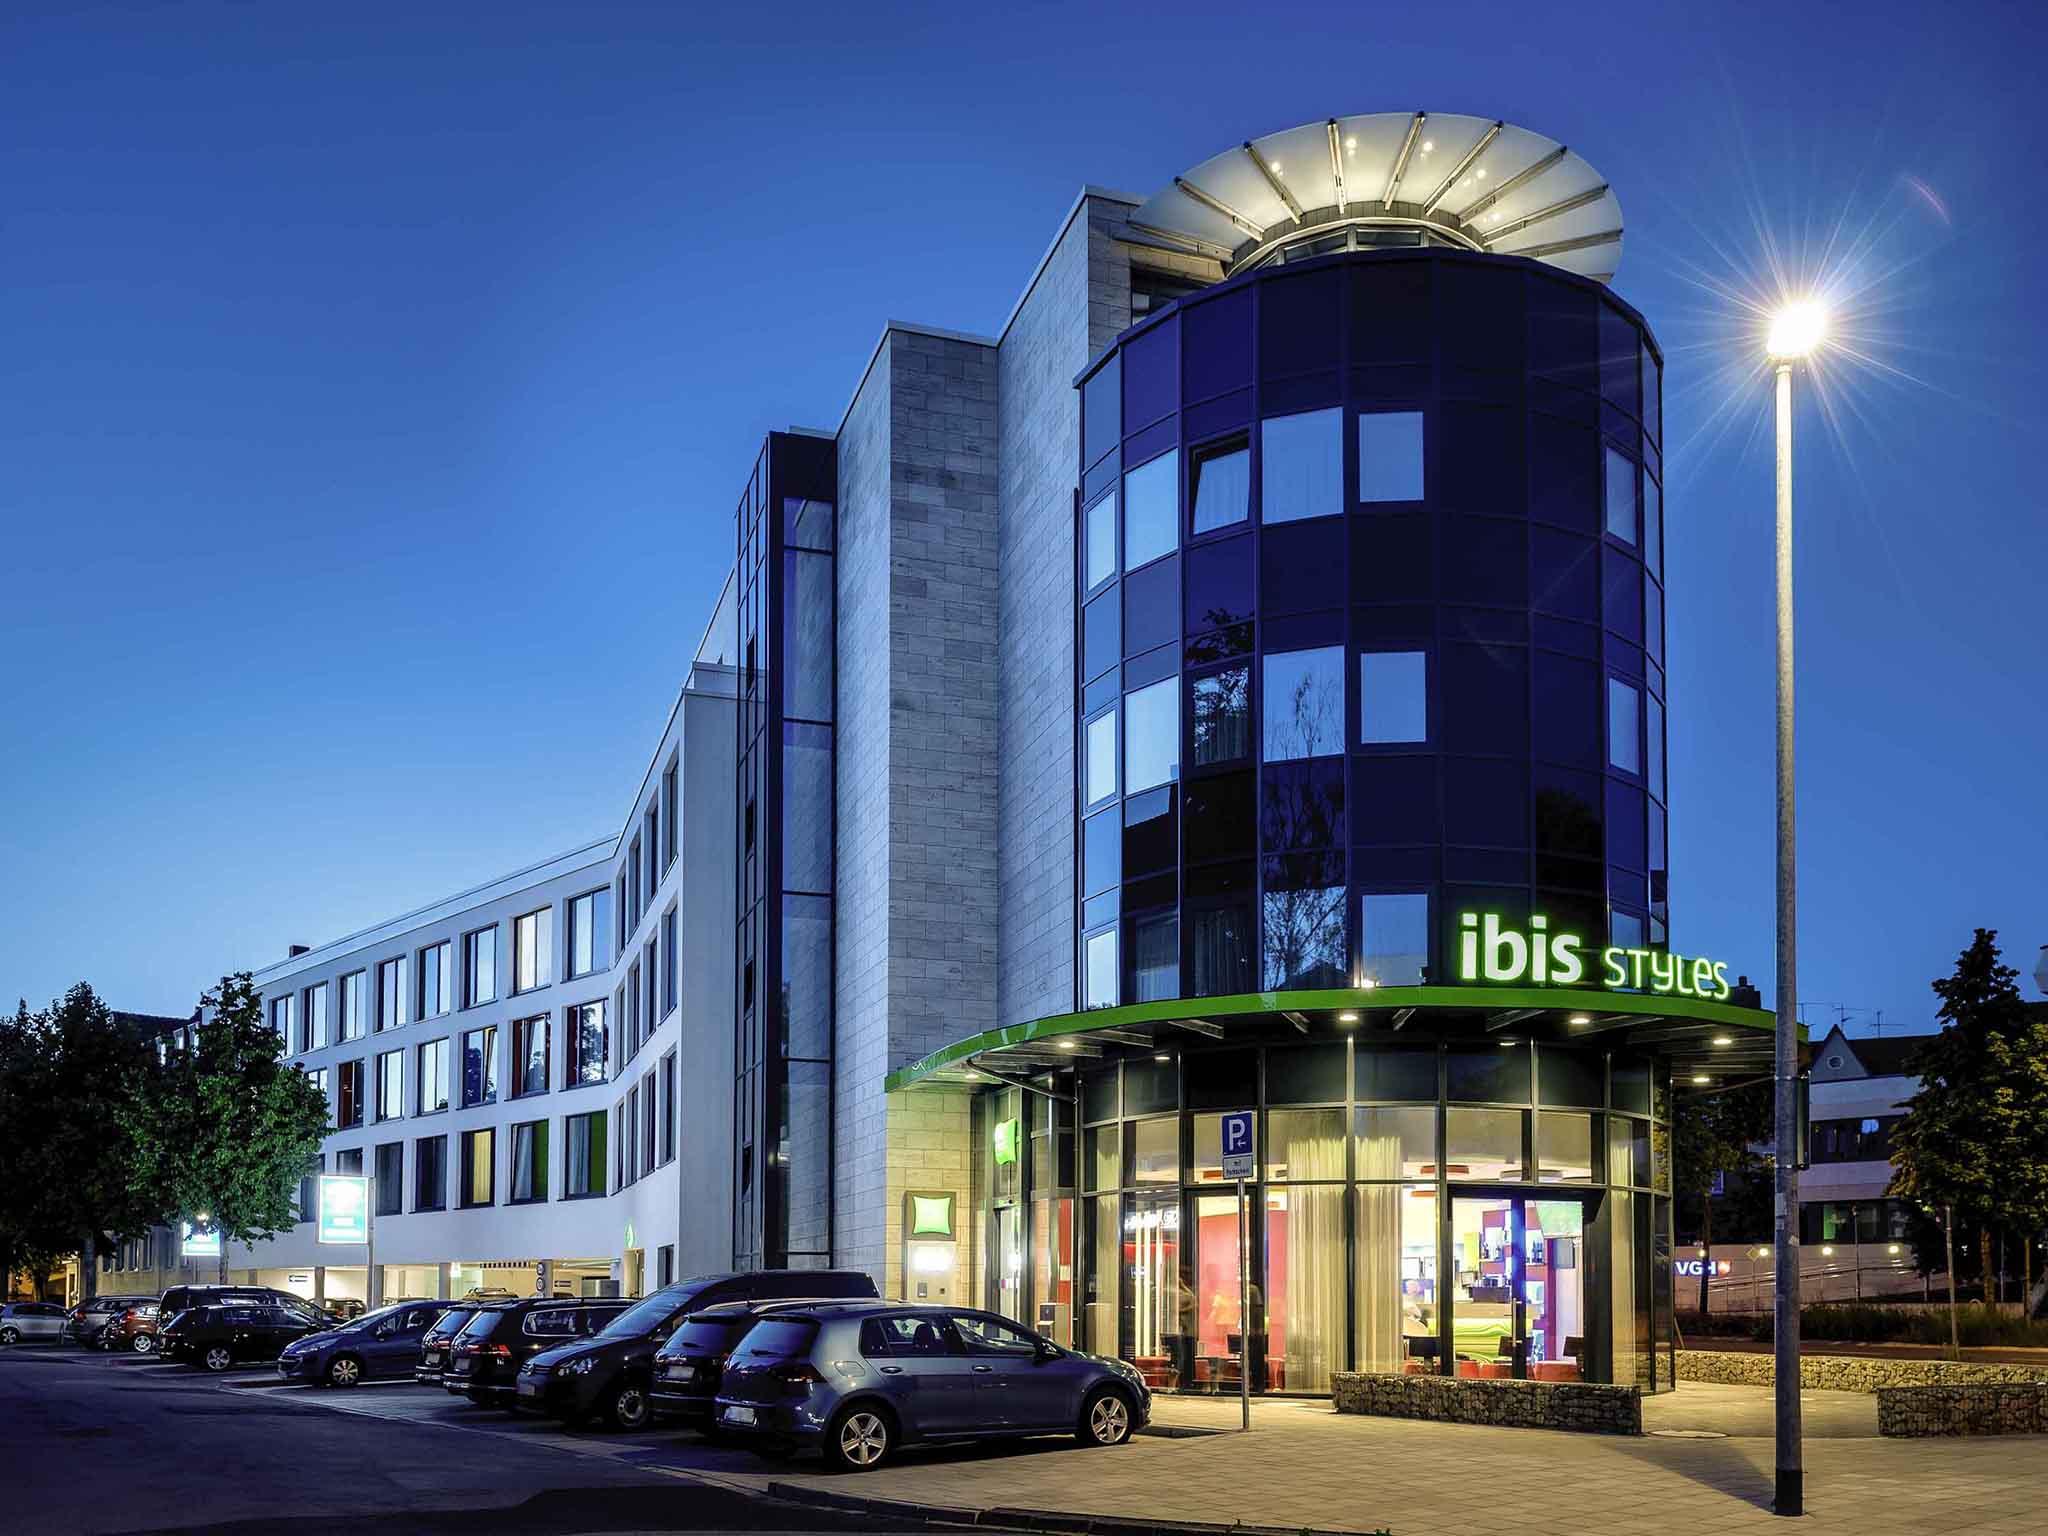 Hotel Ibis Styles Hildesheim